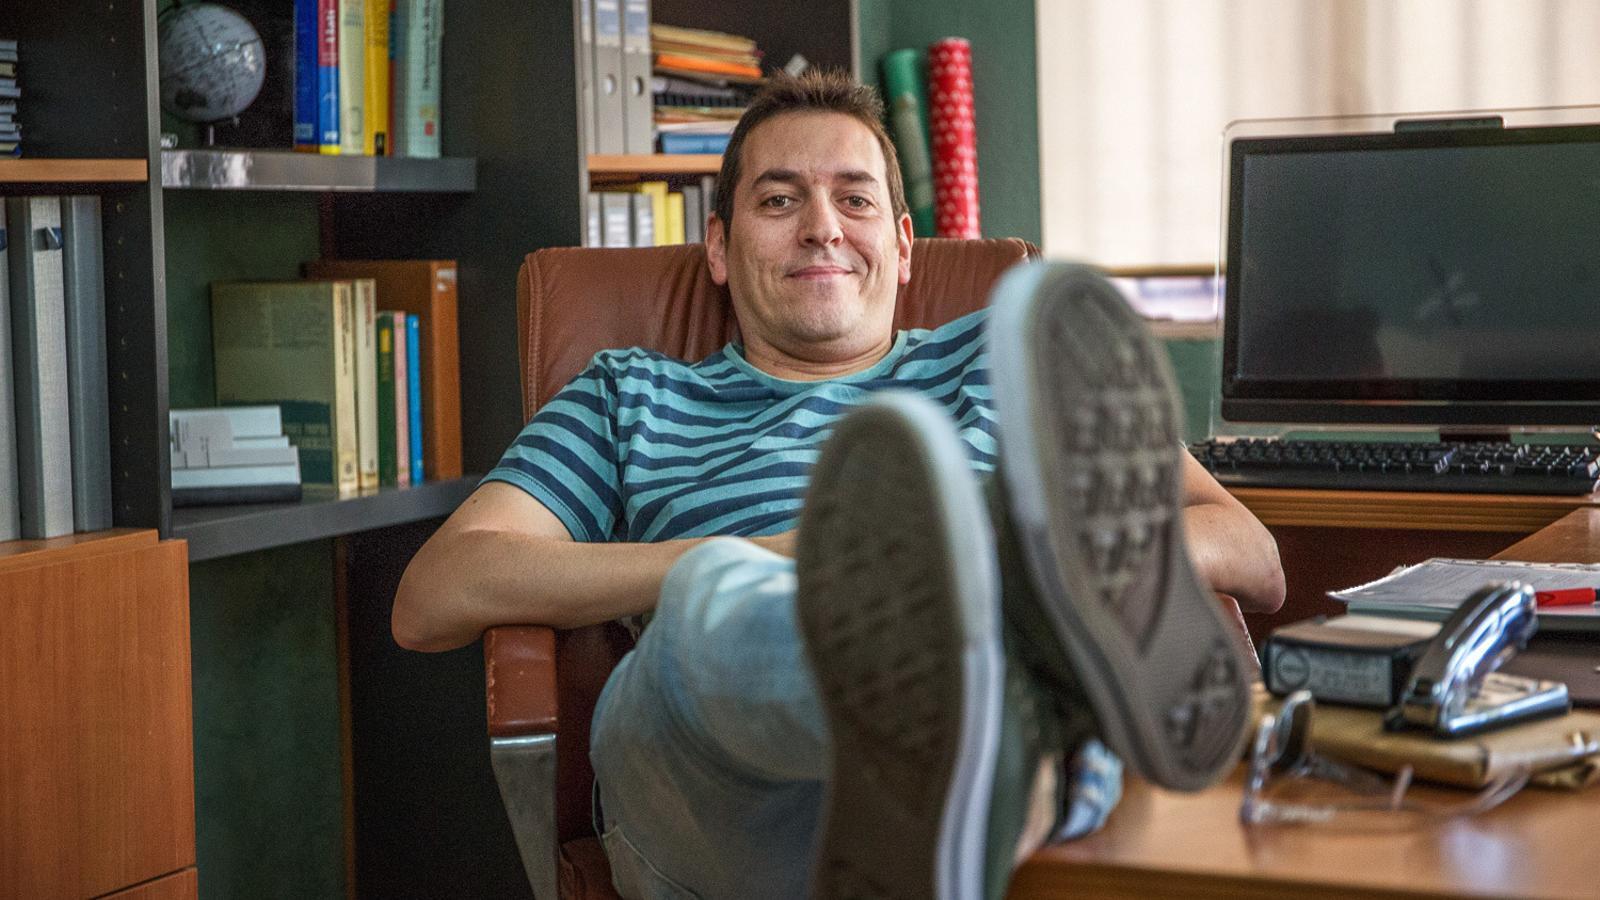 El creador de 'Merlí' publicarà una novel·la sobre la sèrie